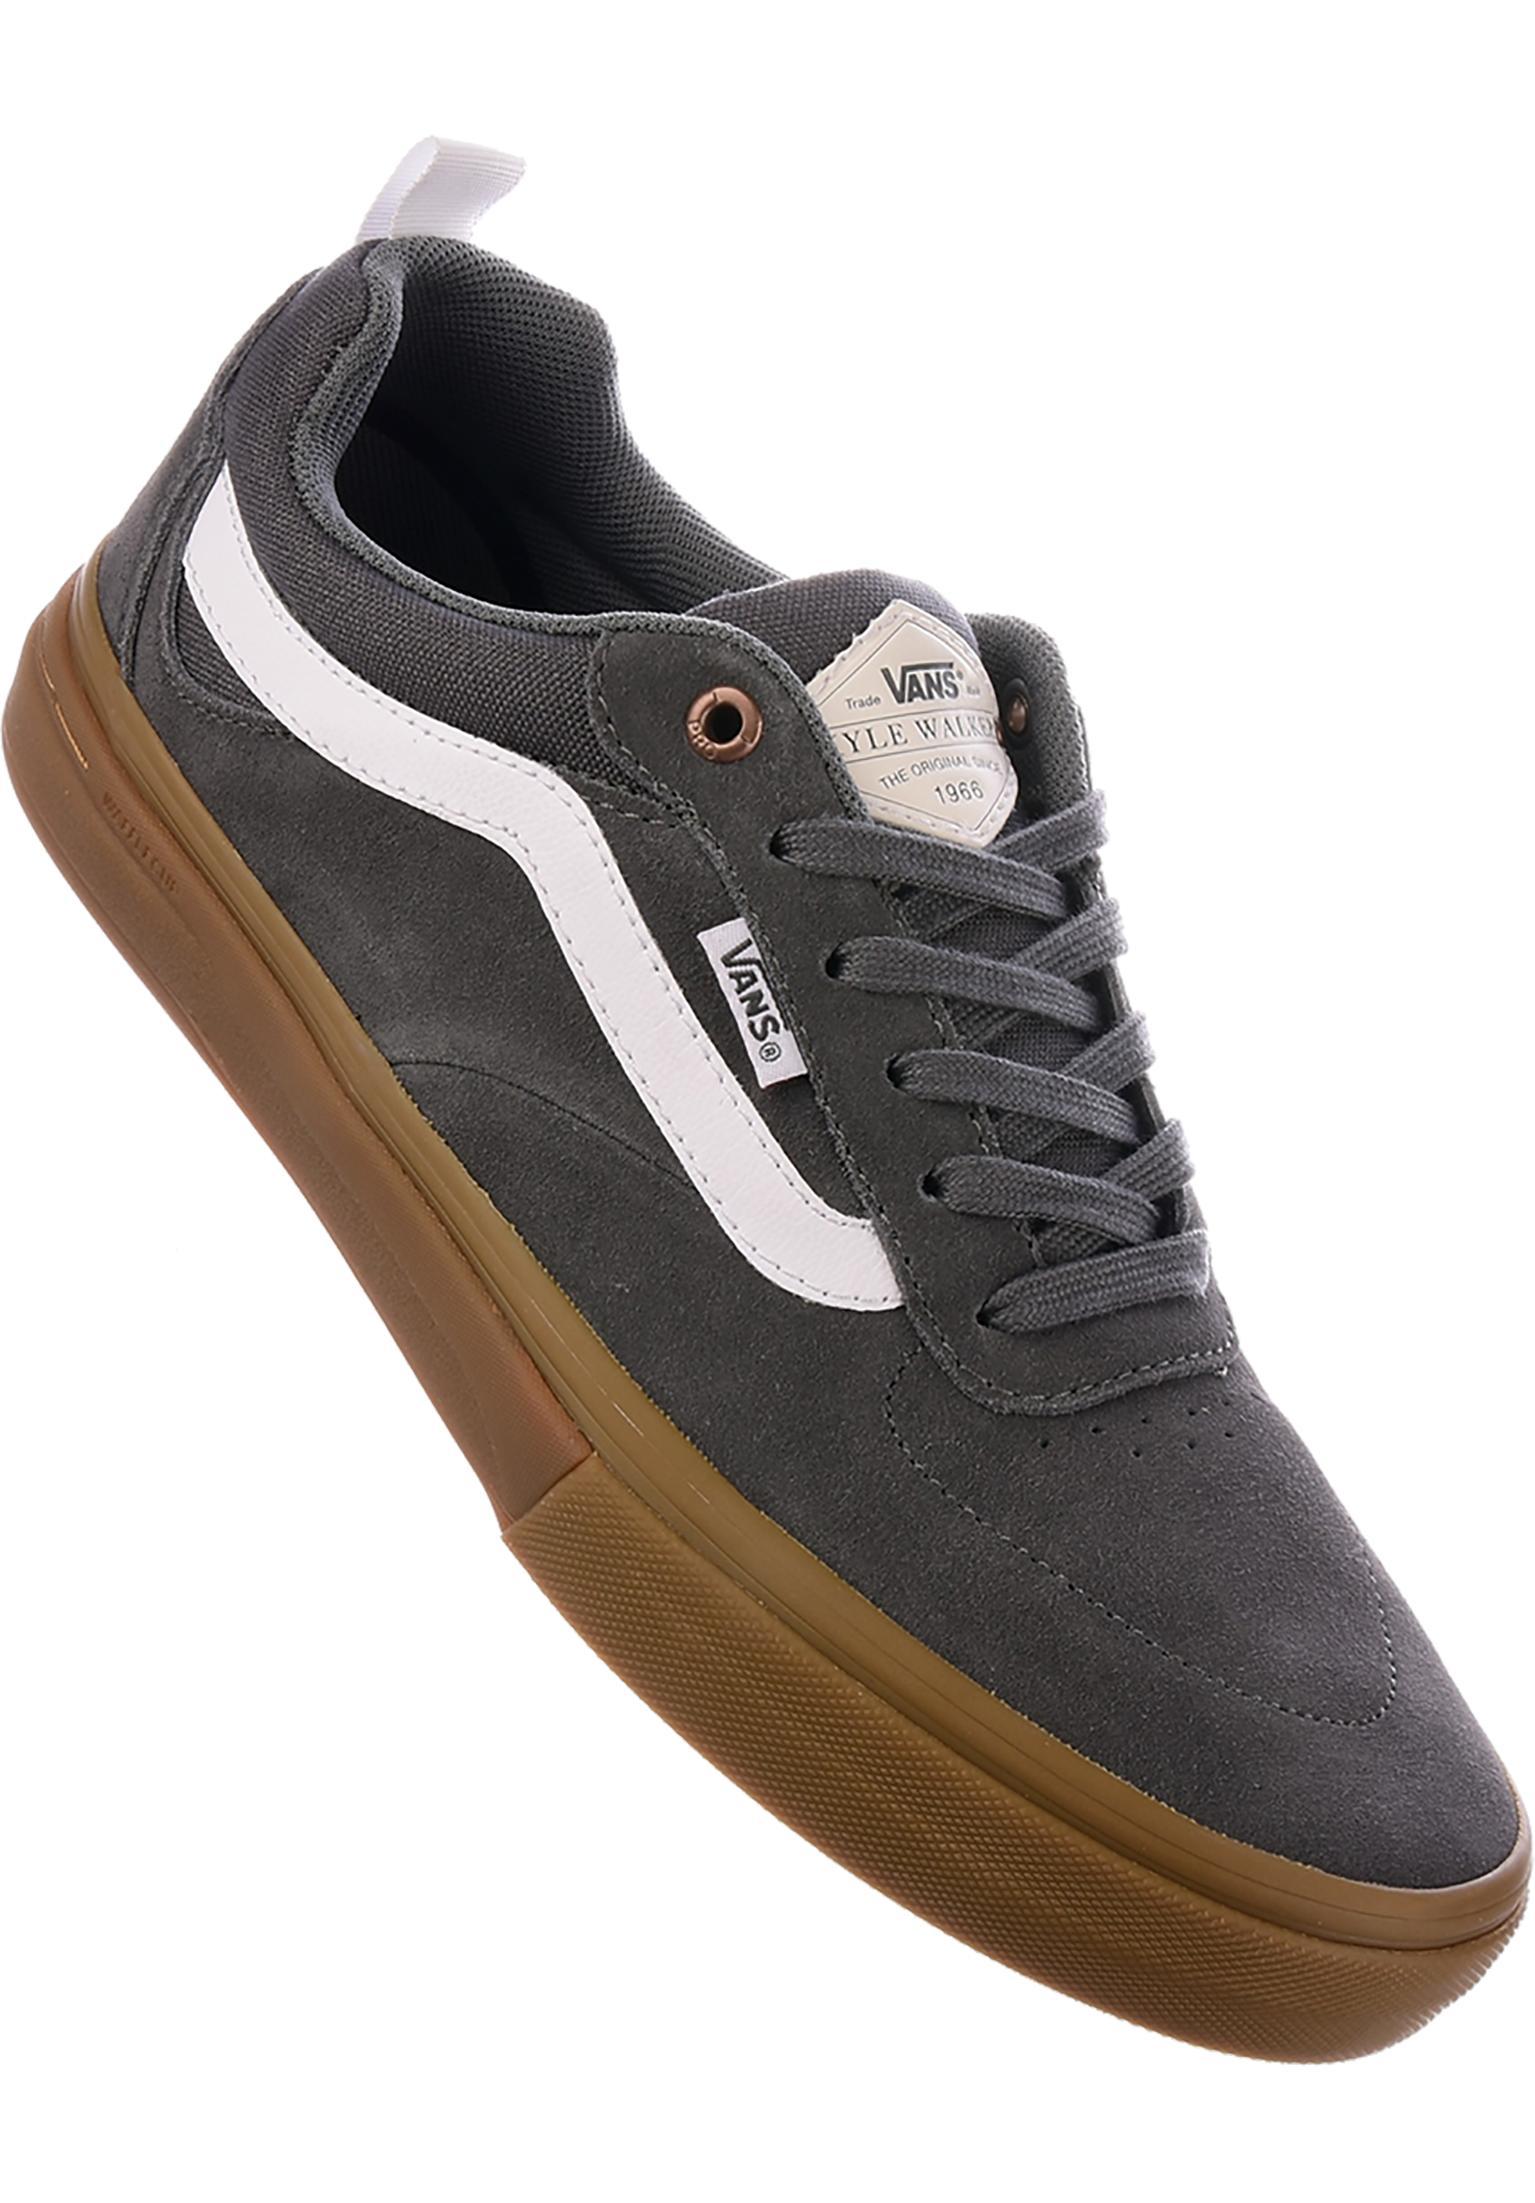 129b64ca635a42 Kyle Walker Pro Vans All Shoes in pewter-gum for Men